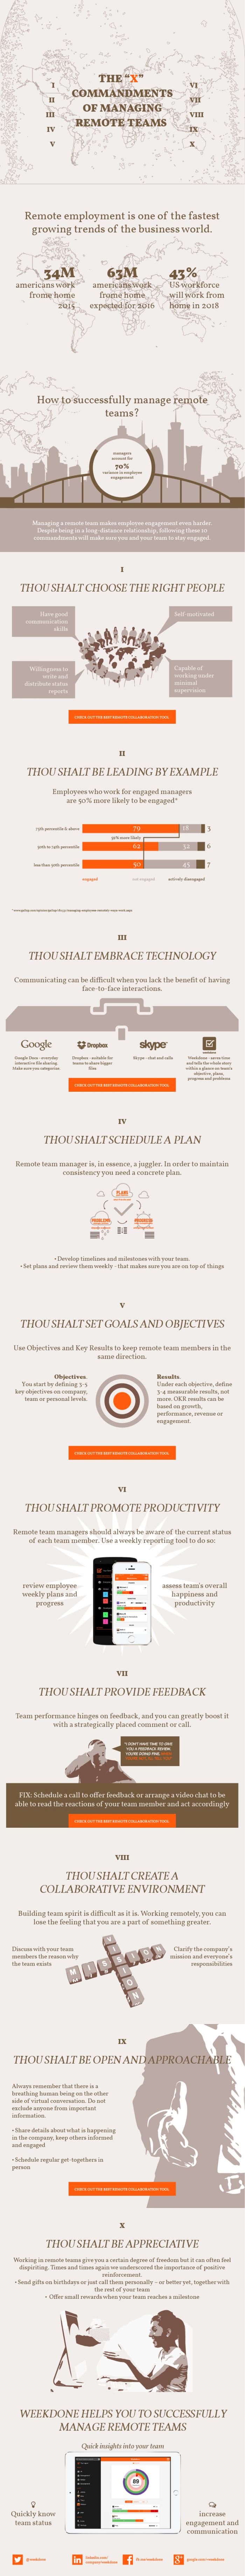 The ten commandments of managing remote teams